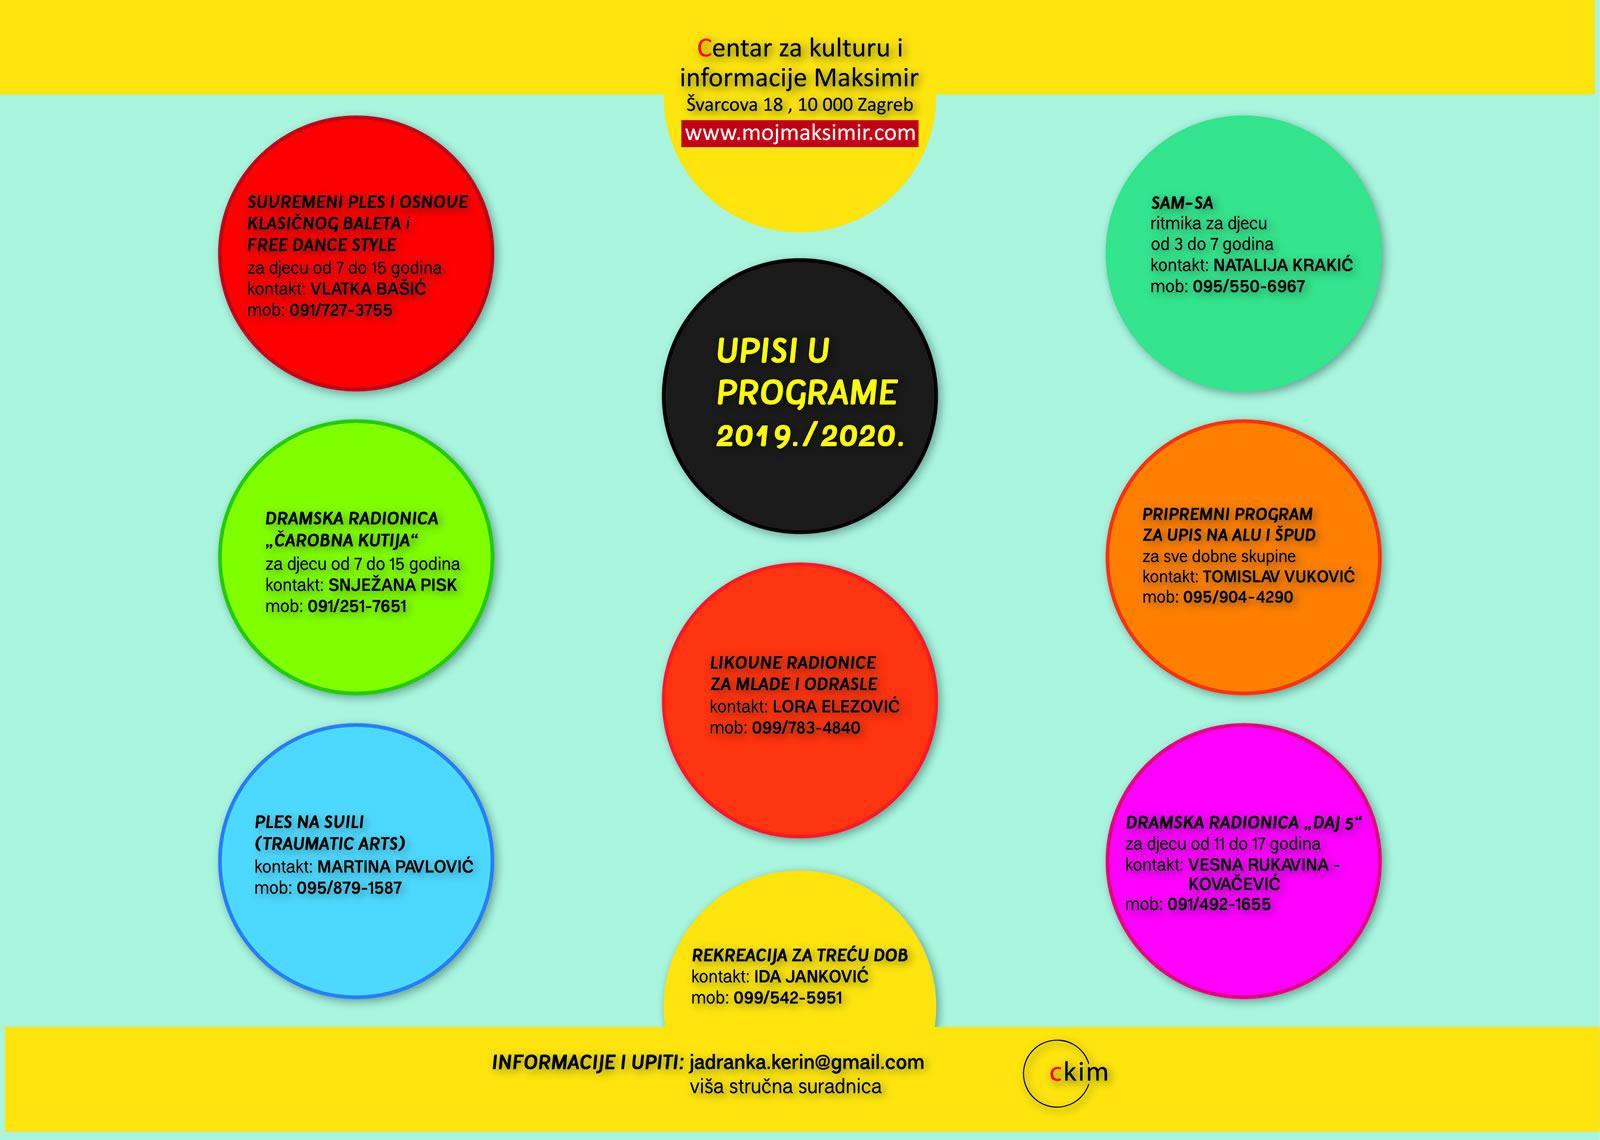 CKIM - popis programa za školsku godinu 2019./2020.